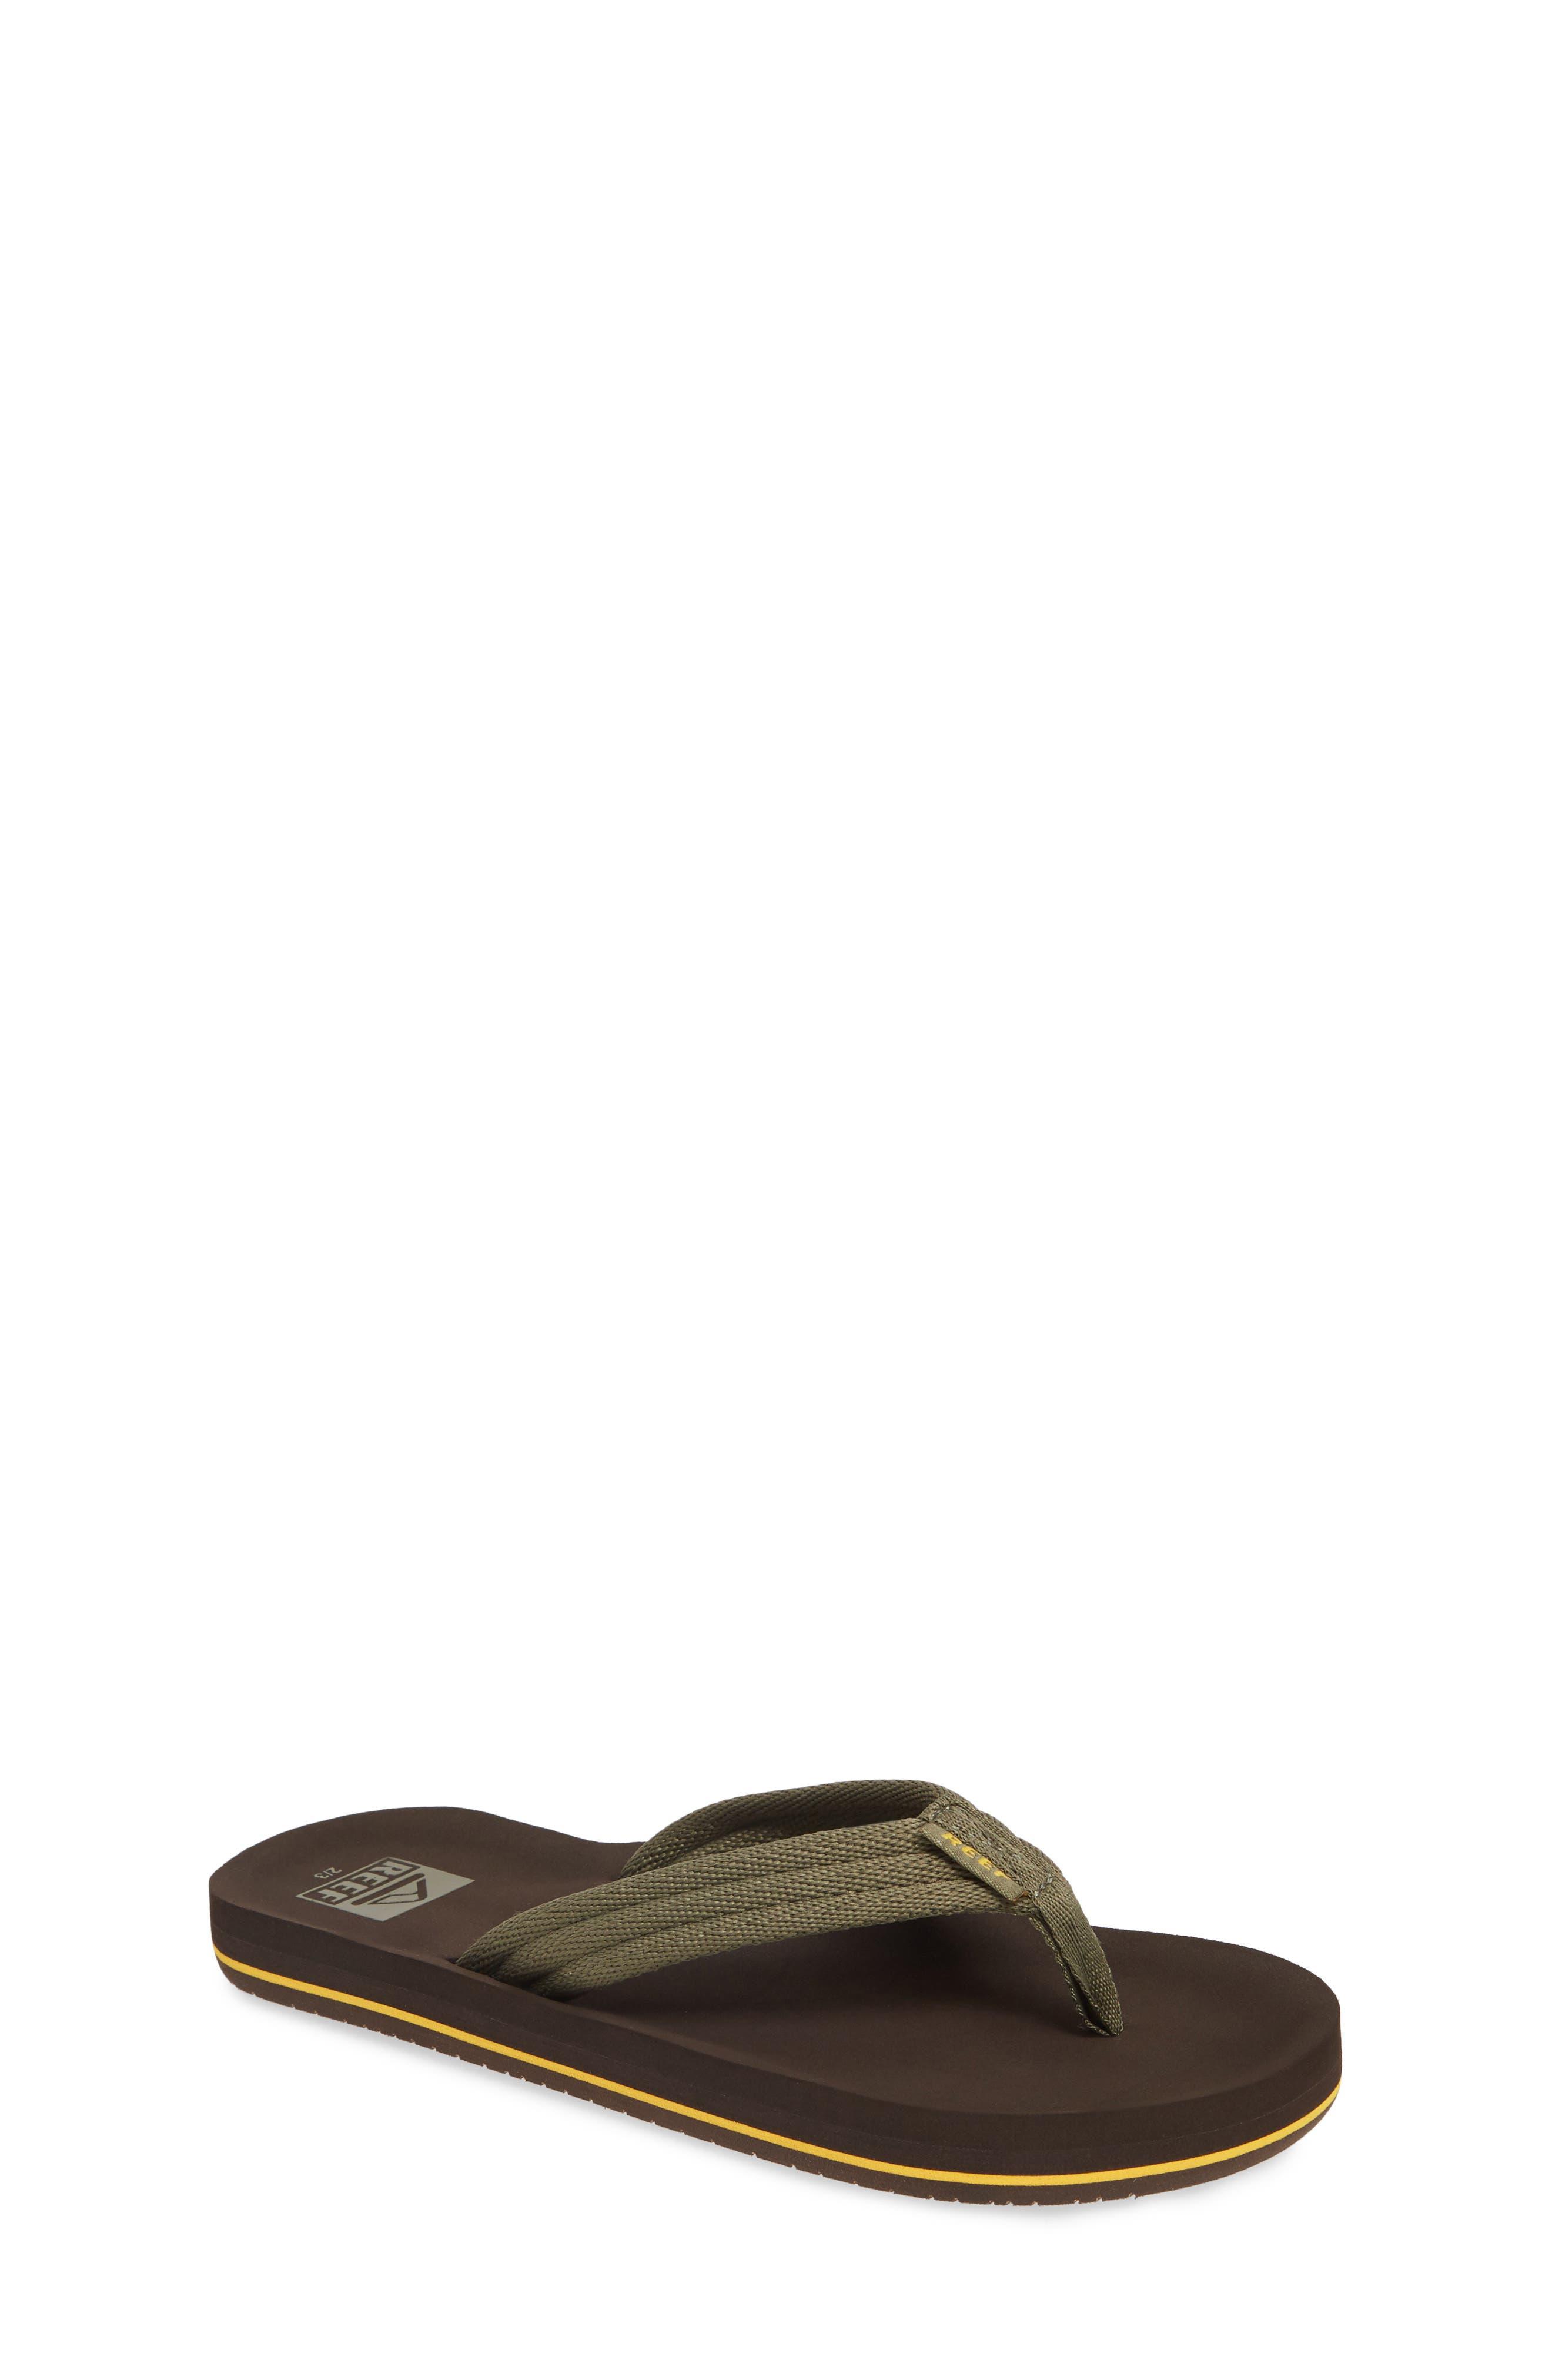 REEF Ahi Beach Flip Flop, Main, color, BROWN/ OLIVE